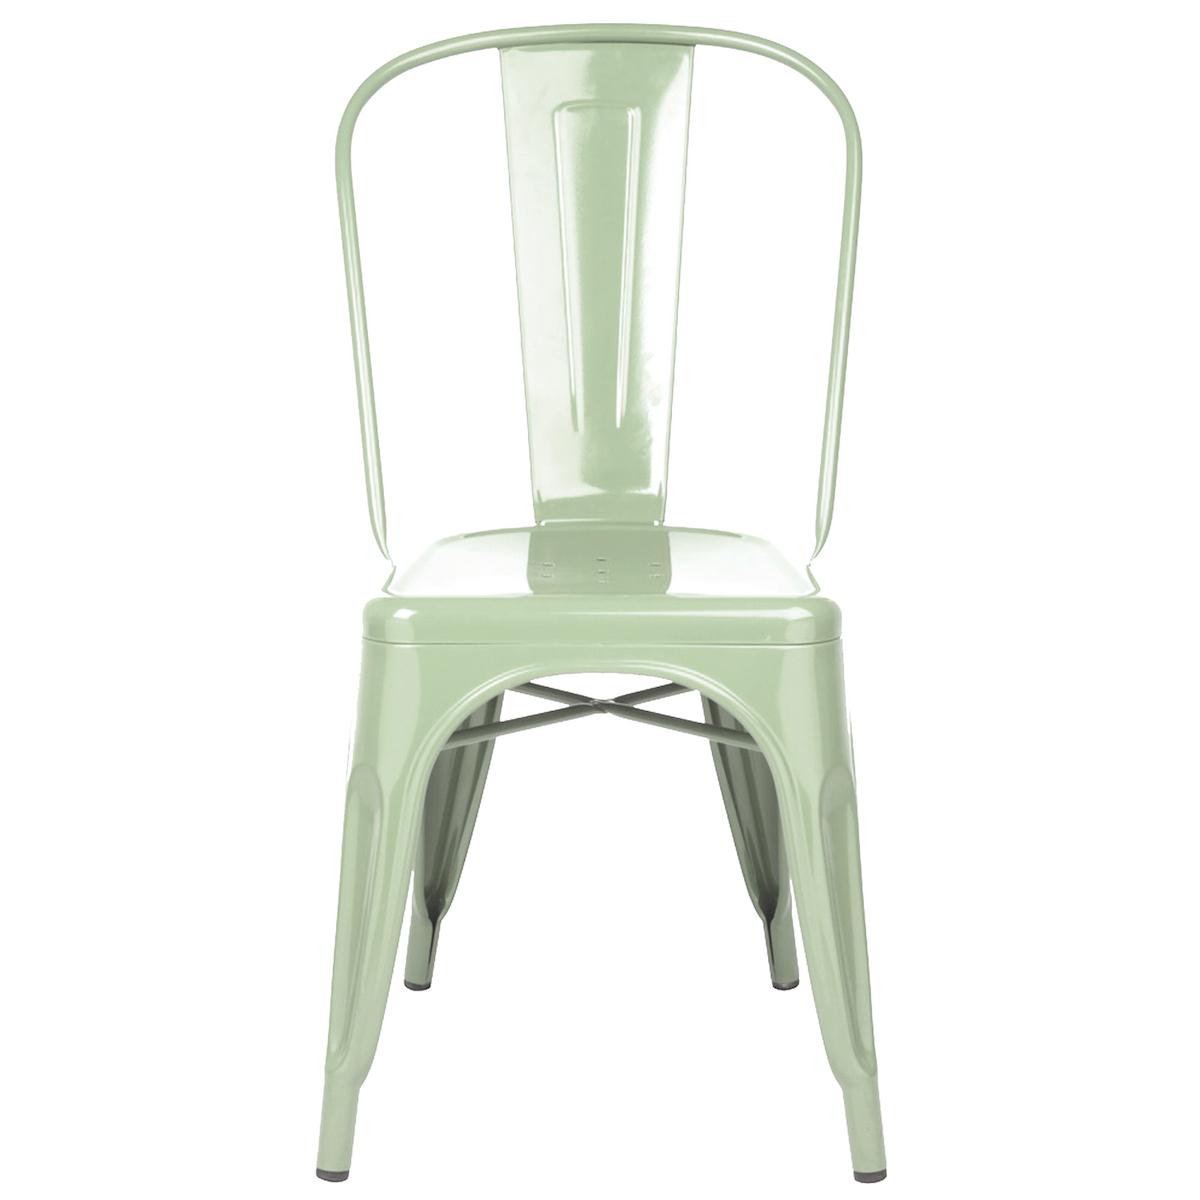 Ungdommelig Tolix stol – Grön | Slottstallet Möbler AV-73